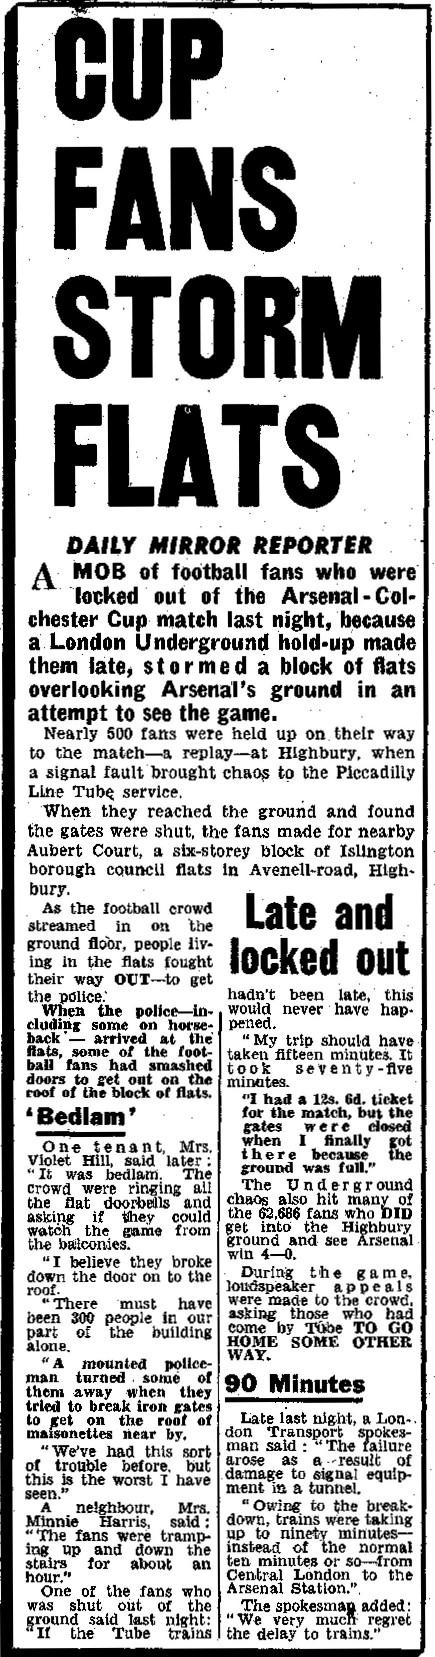 Daily Mirror 29 January 1959